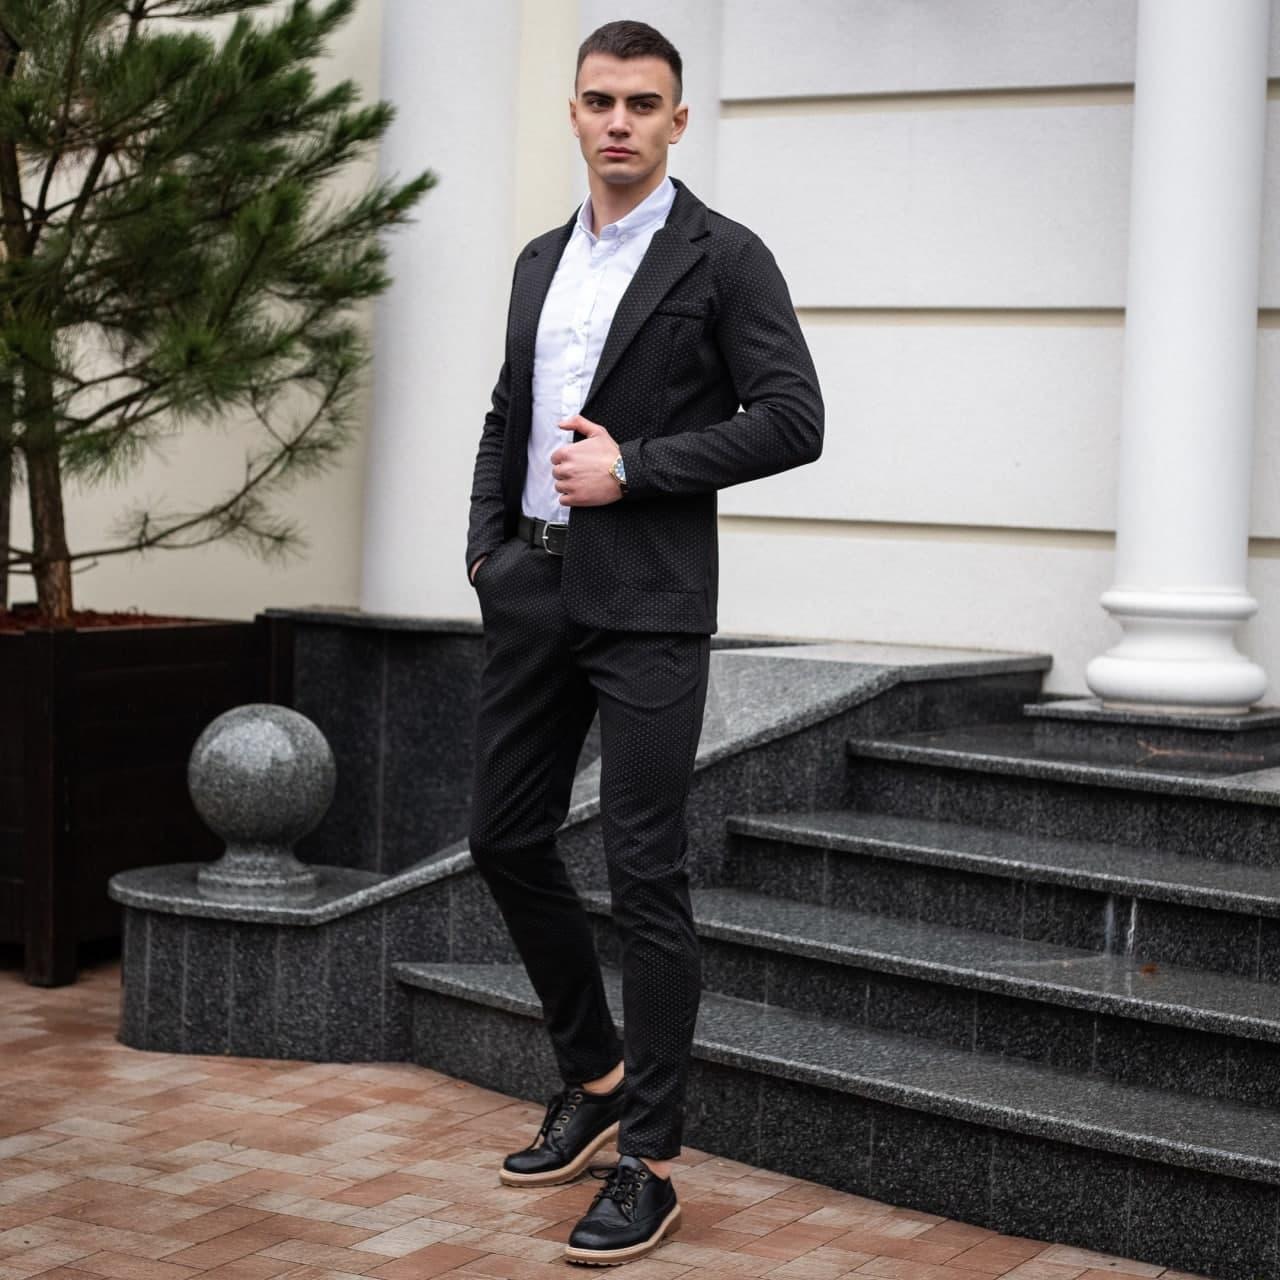 Чоловічий класичний костюм Pobedov Suits «Top» кольорова клітина темно-сірий